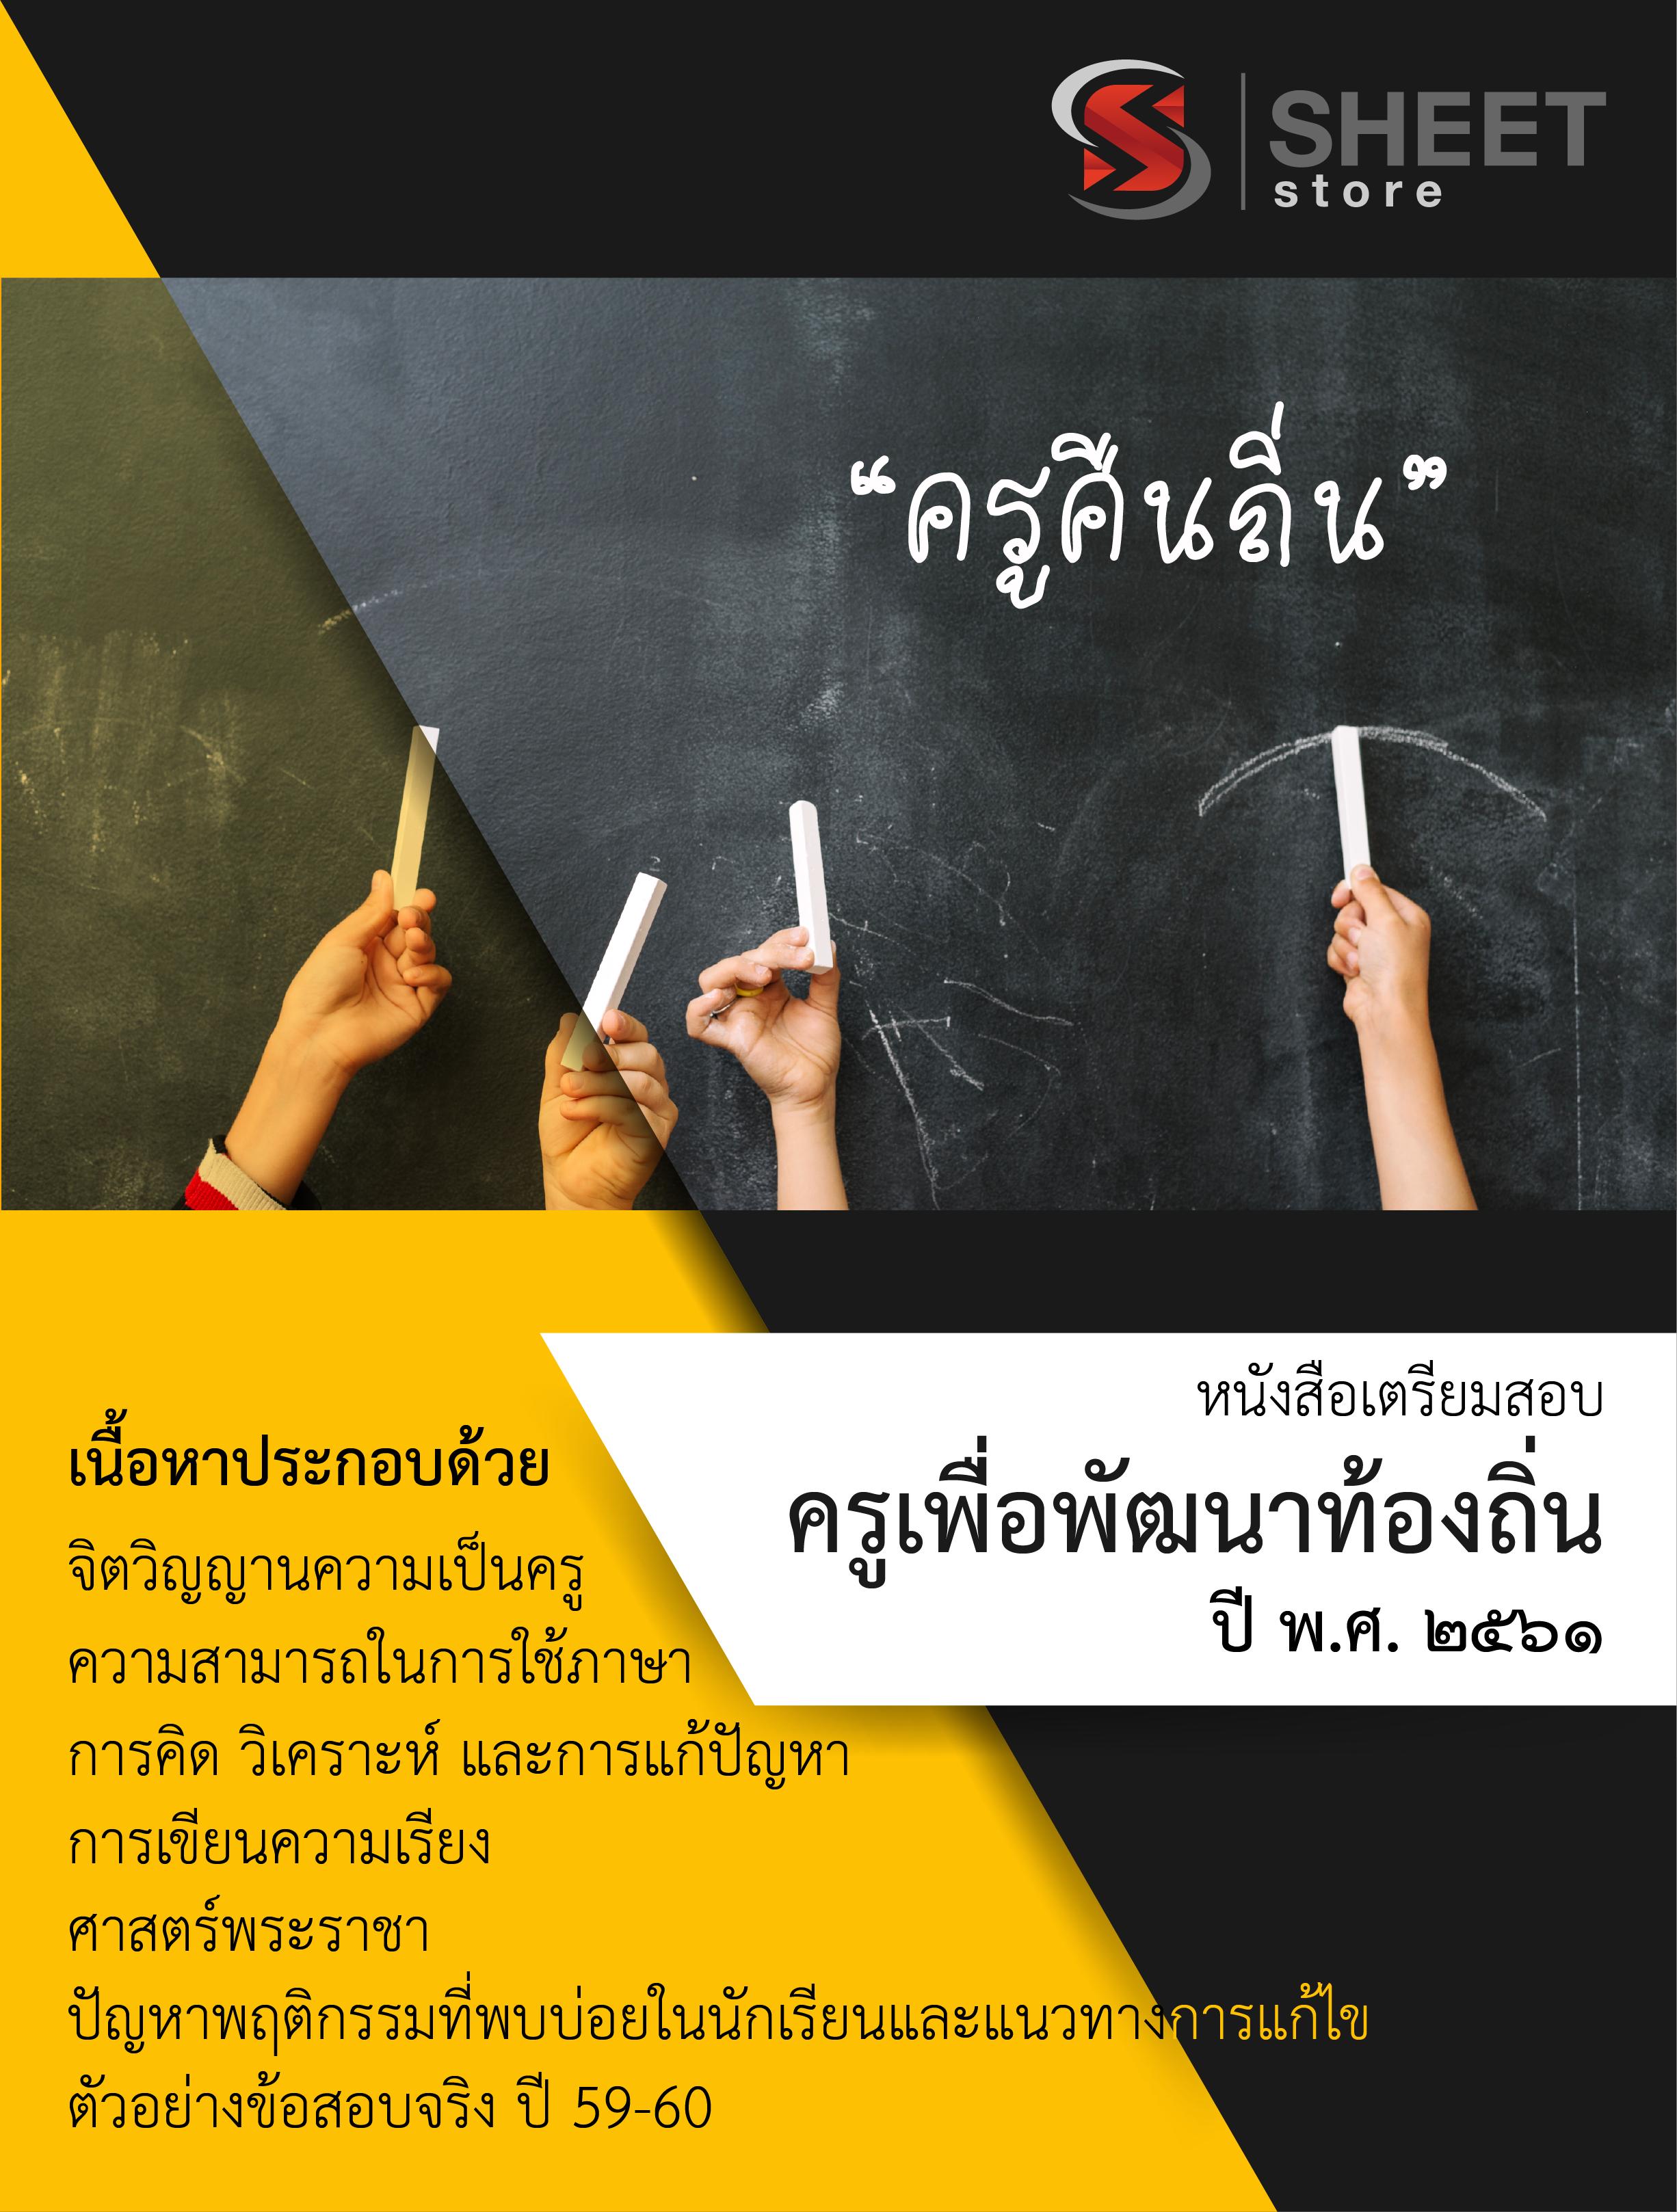 แนวข้อสอบ ครูคืนถิ่น โครงการผลิตครูเพื่อพัฒนาท้องถิ่น ปี 2561